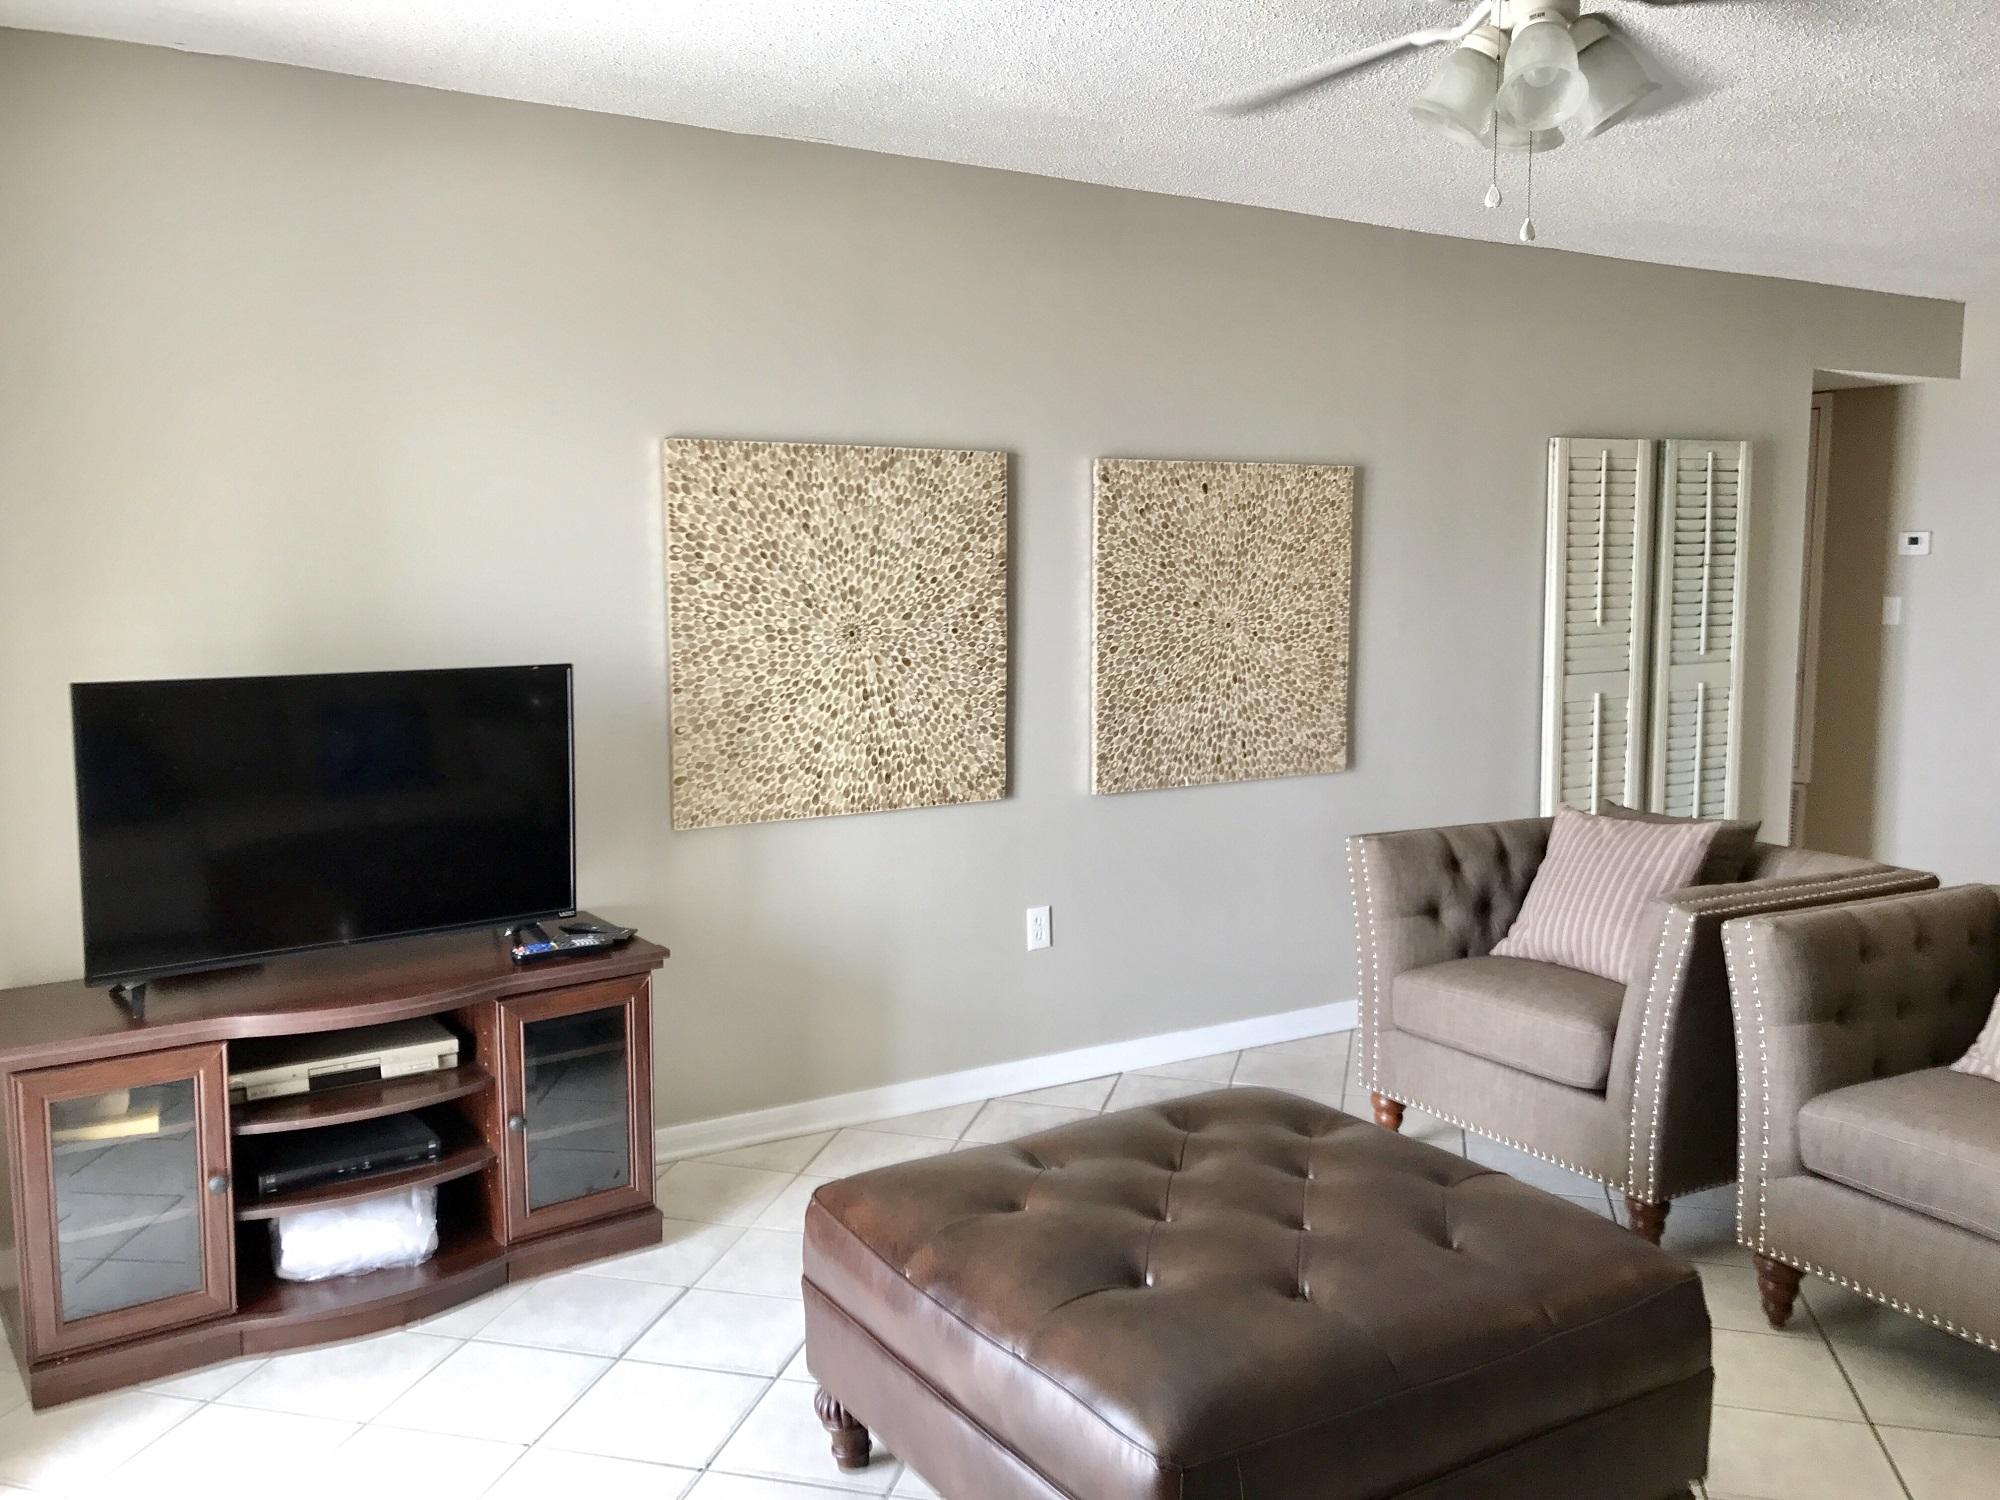 Ocean House 2206 Condo rental in Ocean House - Gulf Shores in Gulf Shores Alabama - #3